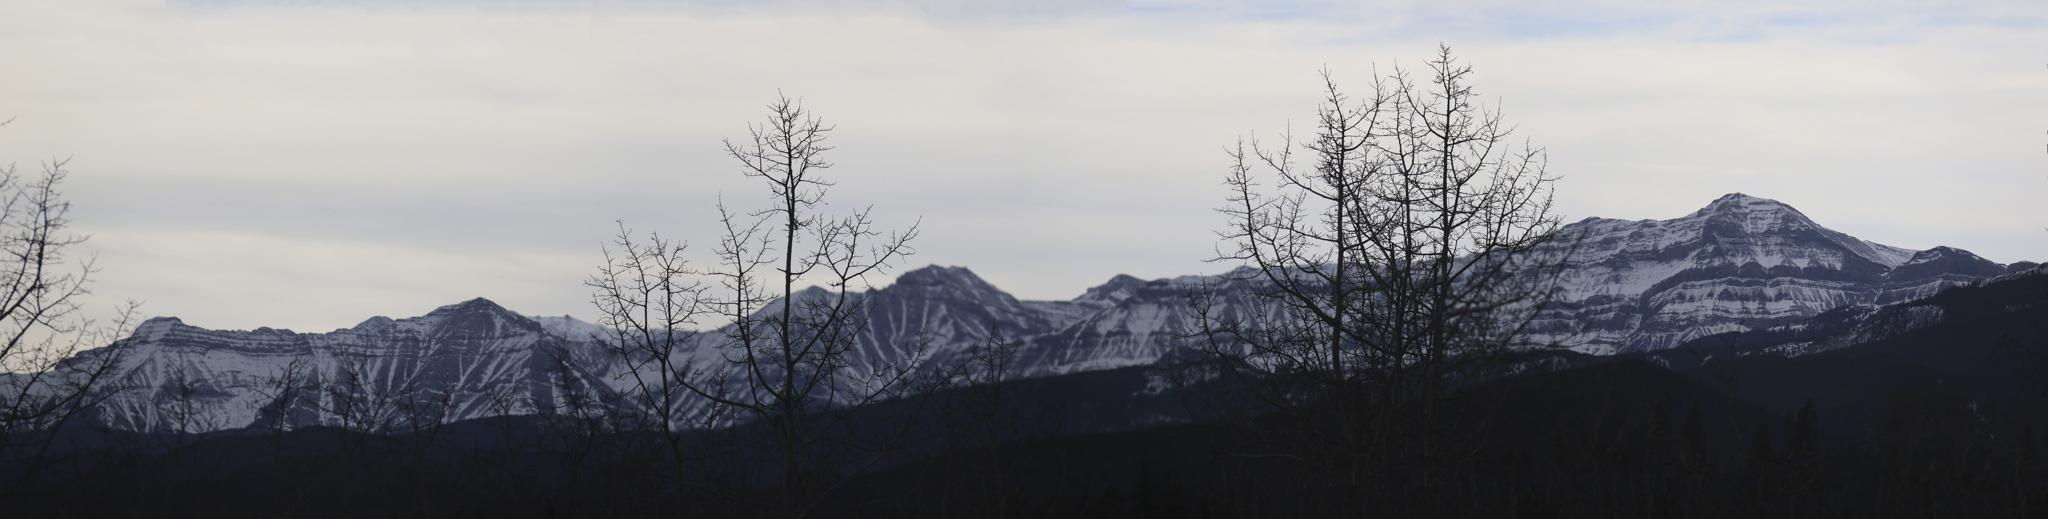 Doug Boyce Kananaskis Country Panorama